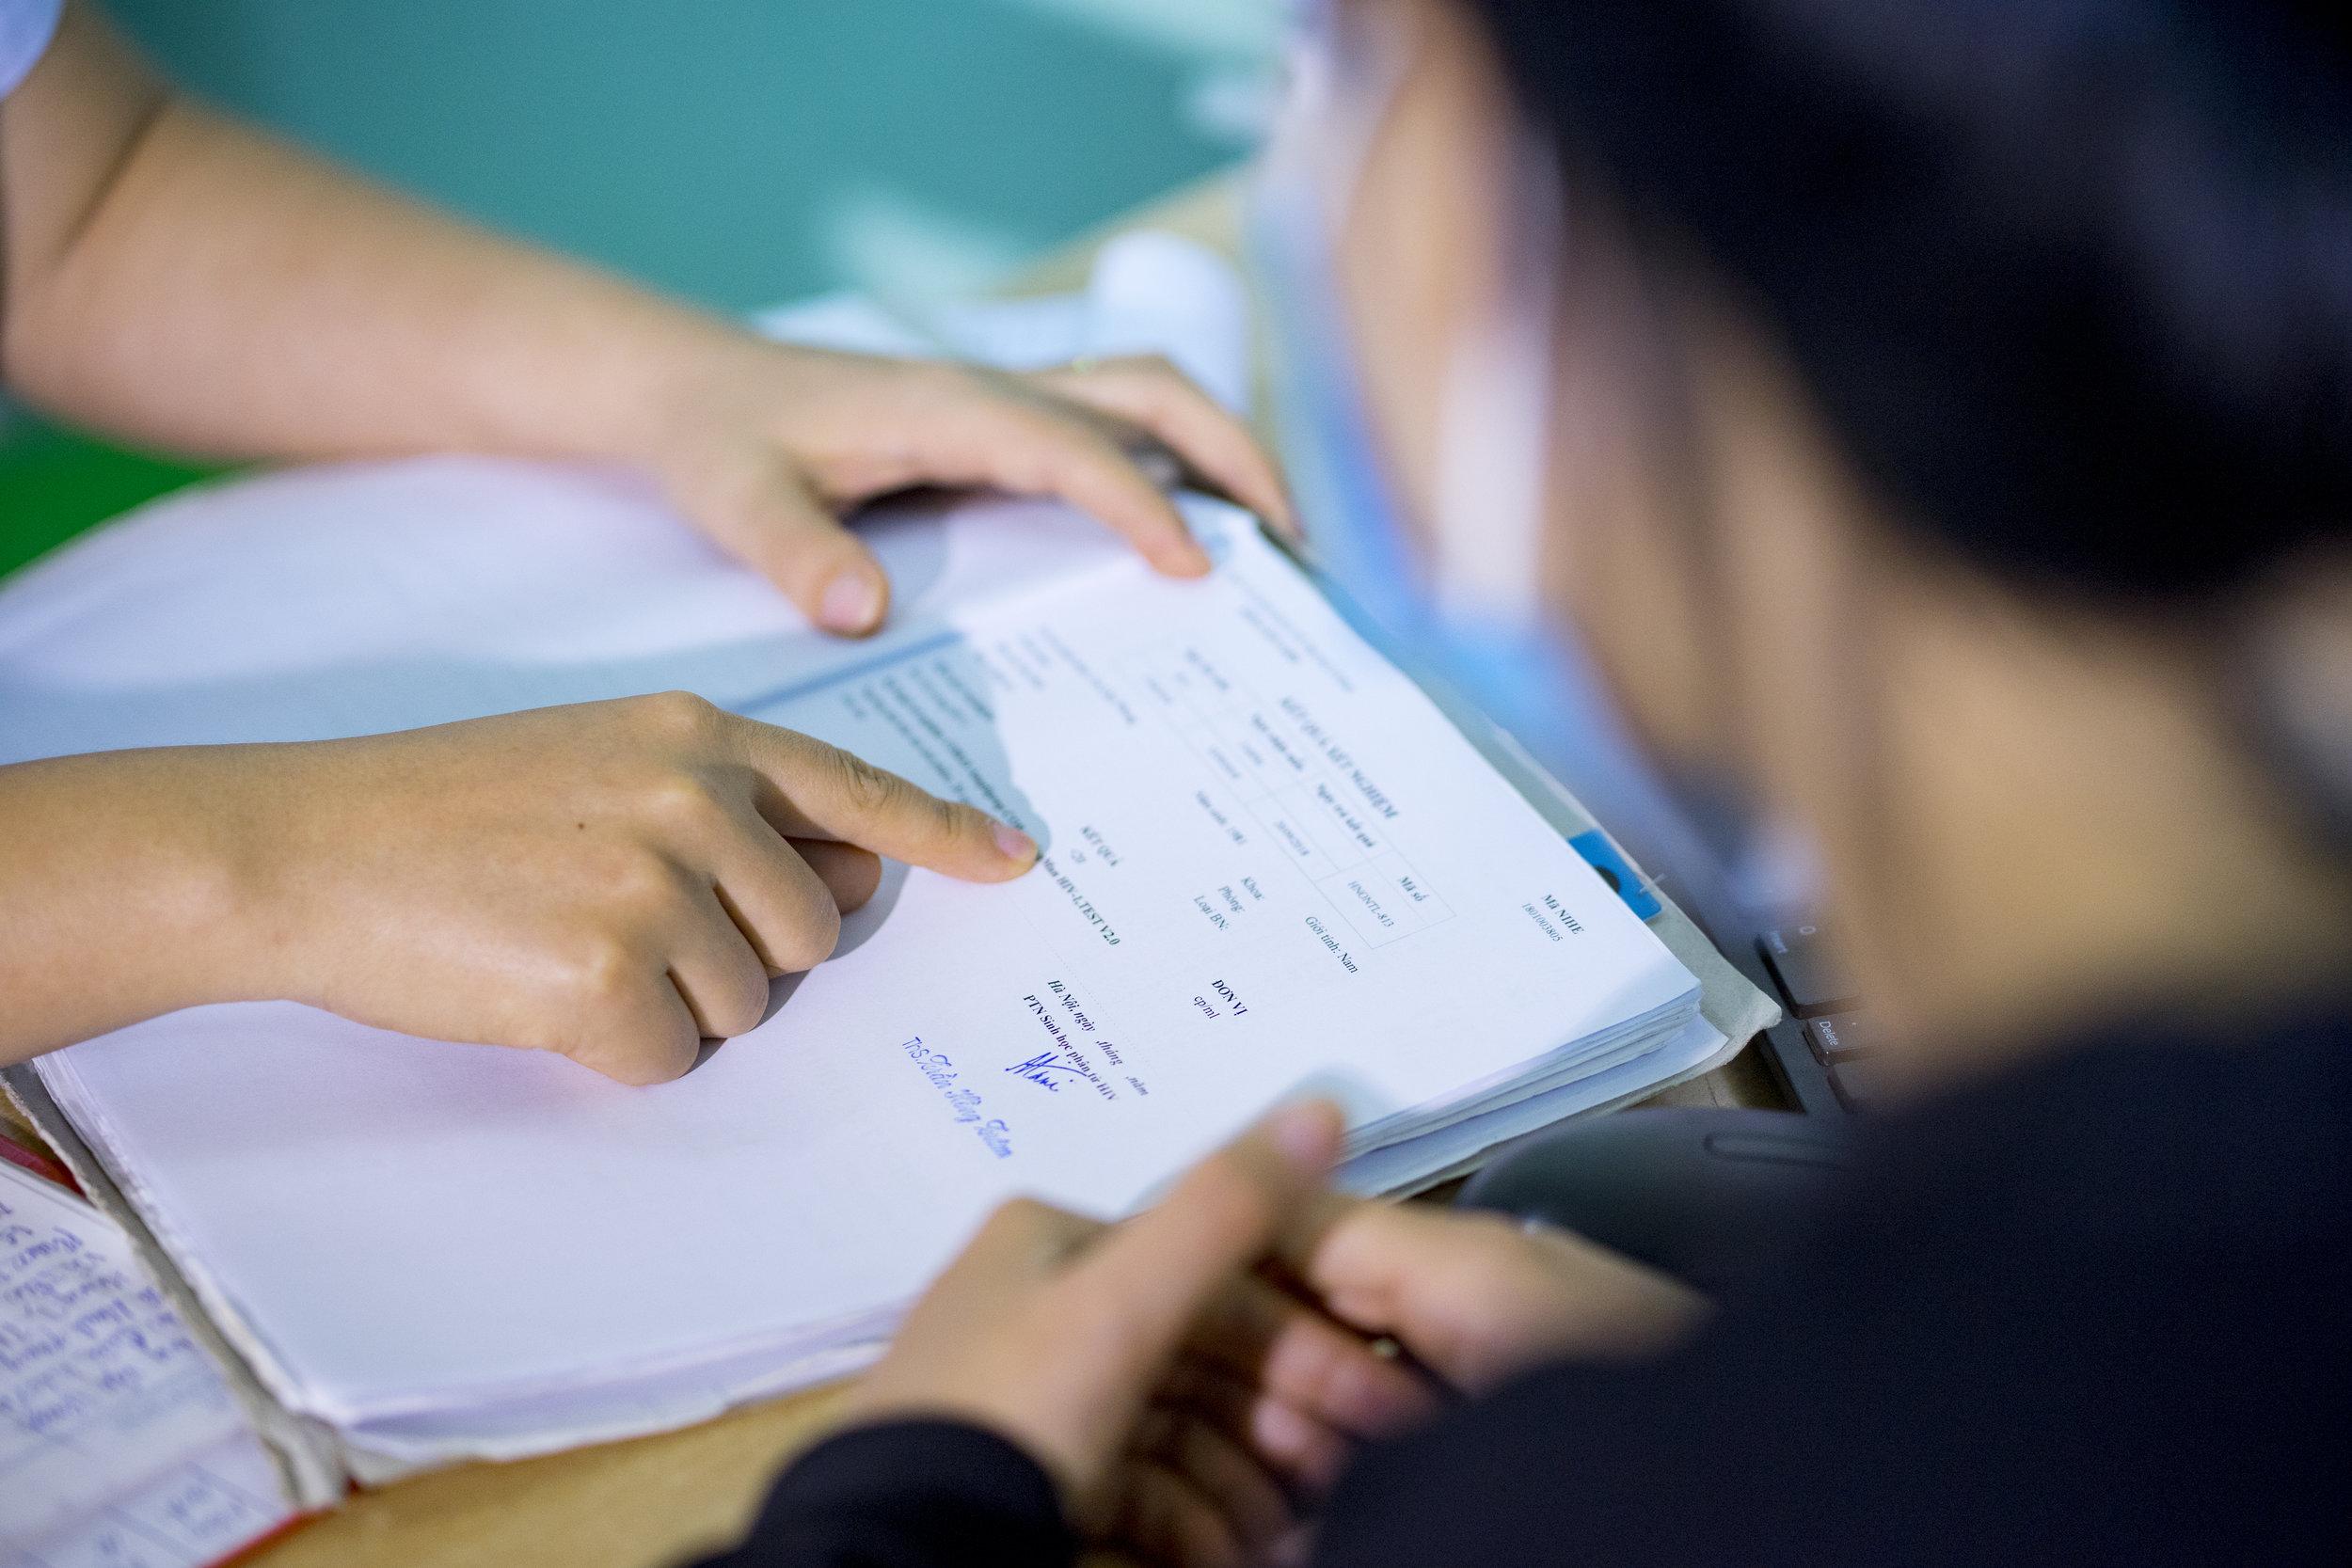 Nhân viên y tế tư vấn cho bệnh nhân HIV về kết quả xét nghiệm tải lượng vi rút